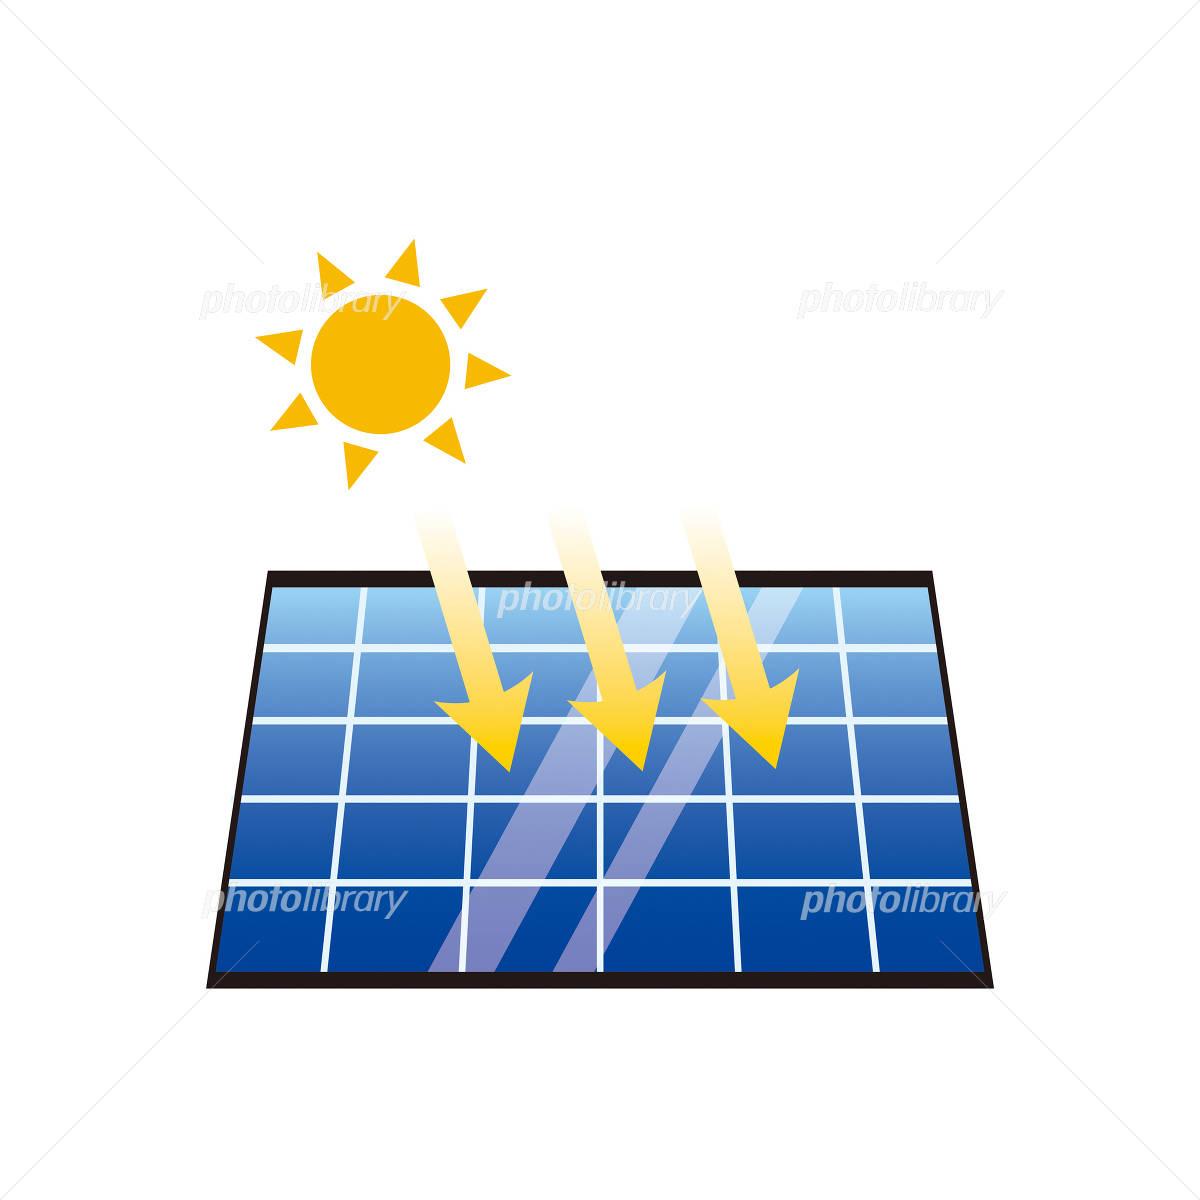 ソーラーパネルのイラスト イラスト素材 958432 フォトライブ